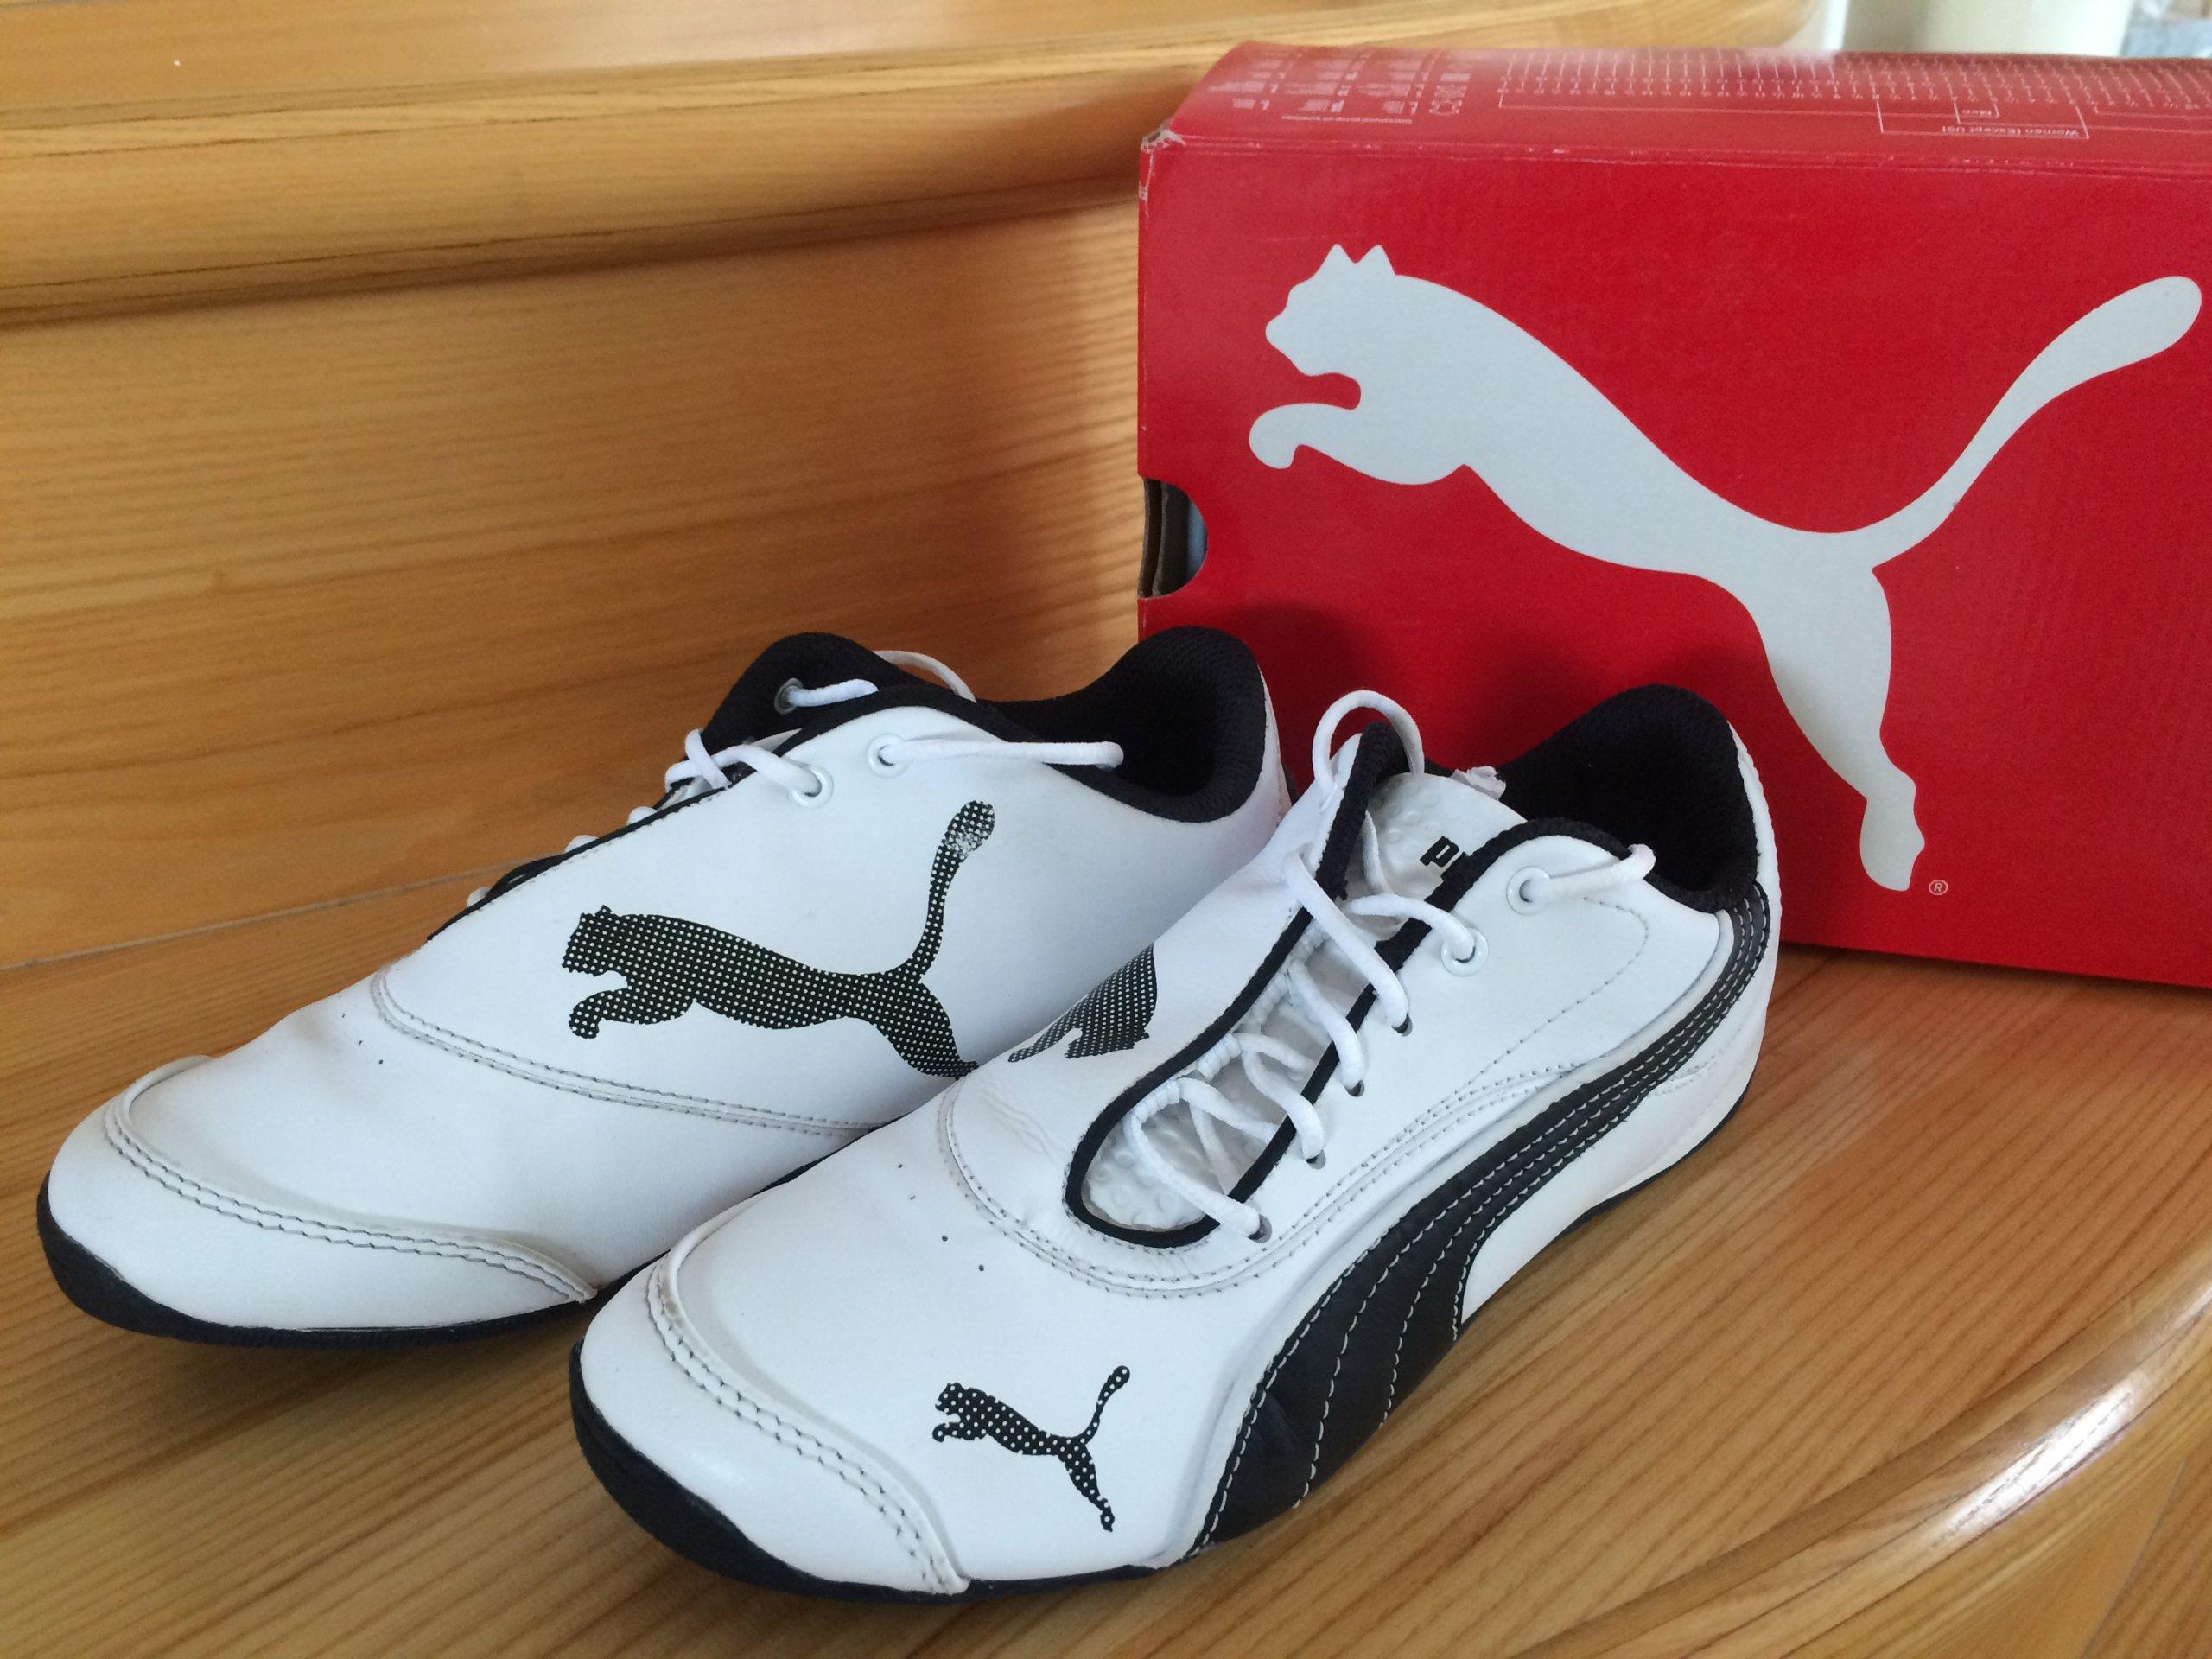 zamówienie oszczędzać niezawodna jakość Puma Buty Sportowe Białe Damskie roz. 37 - 7298715550 ...